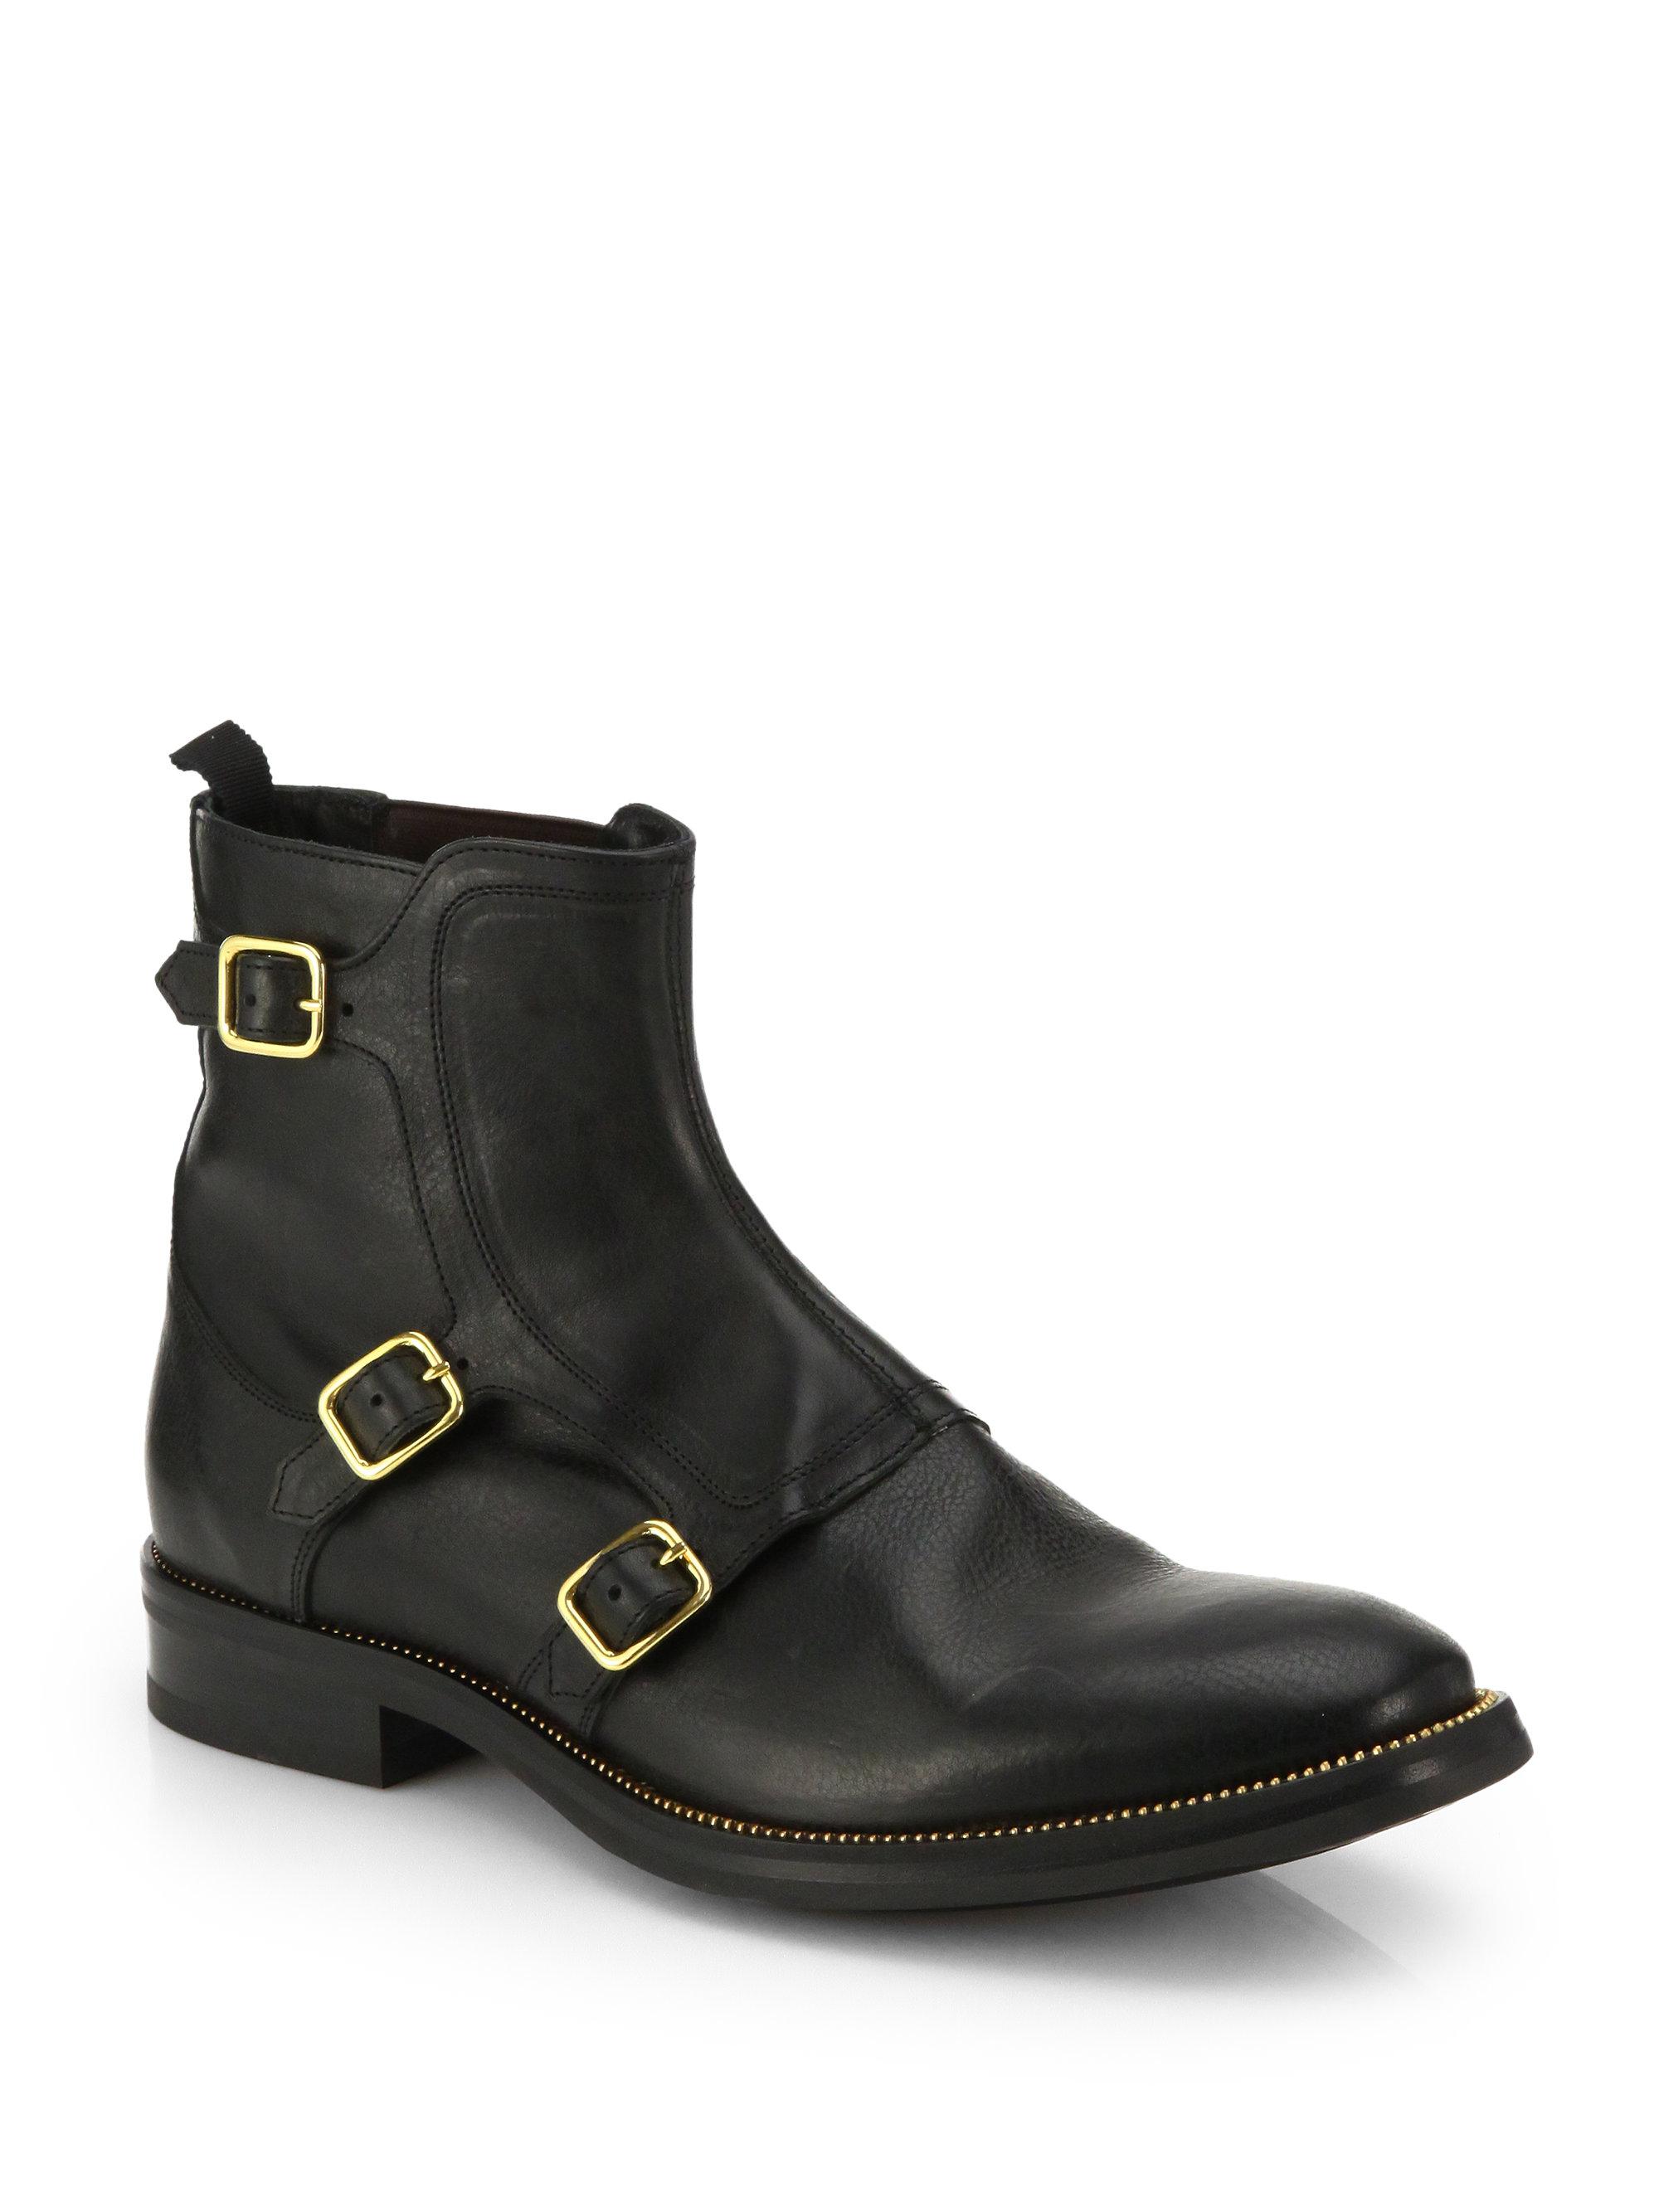 Men Boots Columbia Black